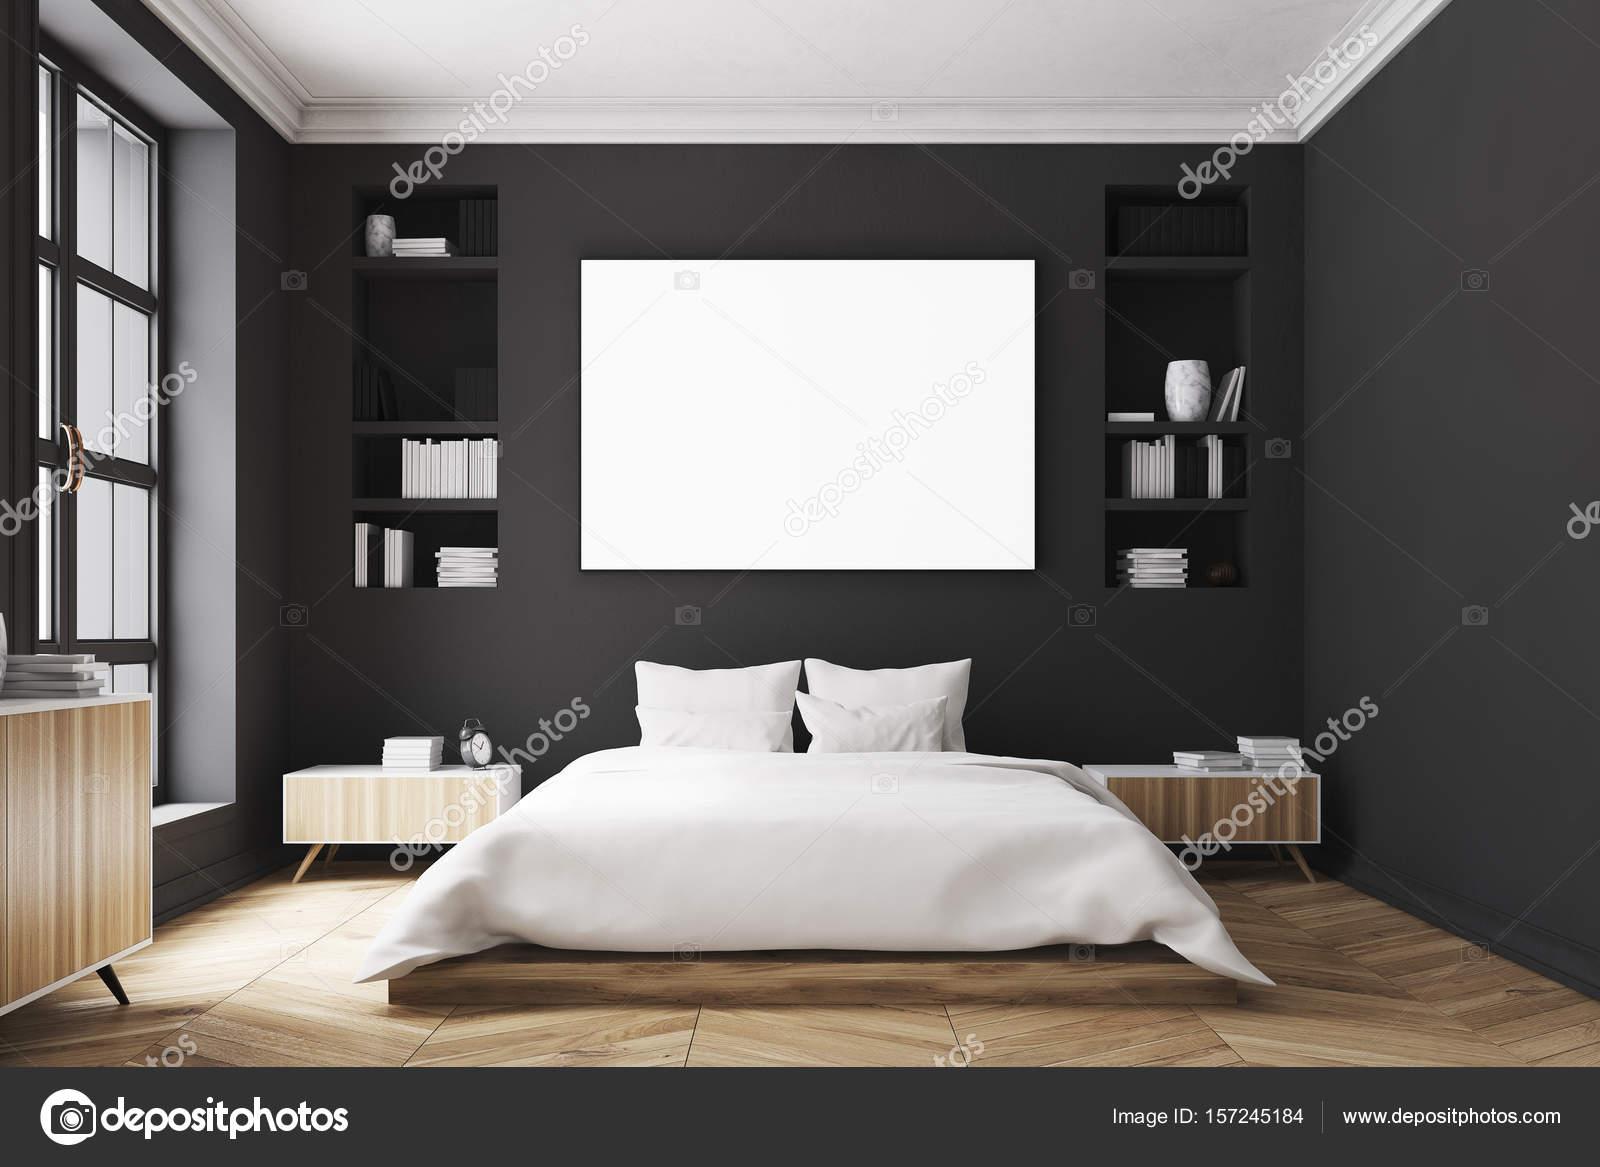 slaapkamer interieur poster vooraan zwart stockfoto